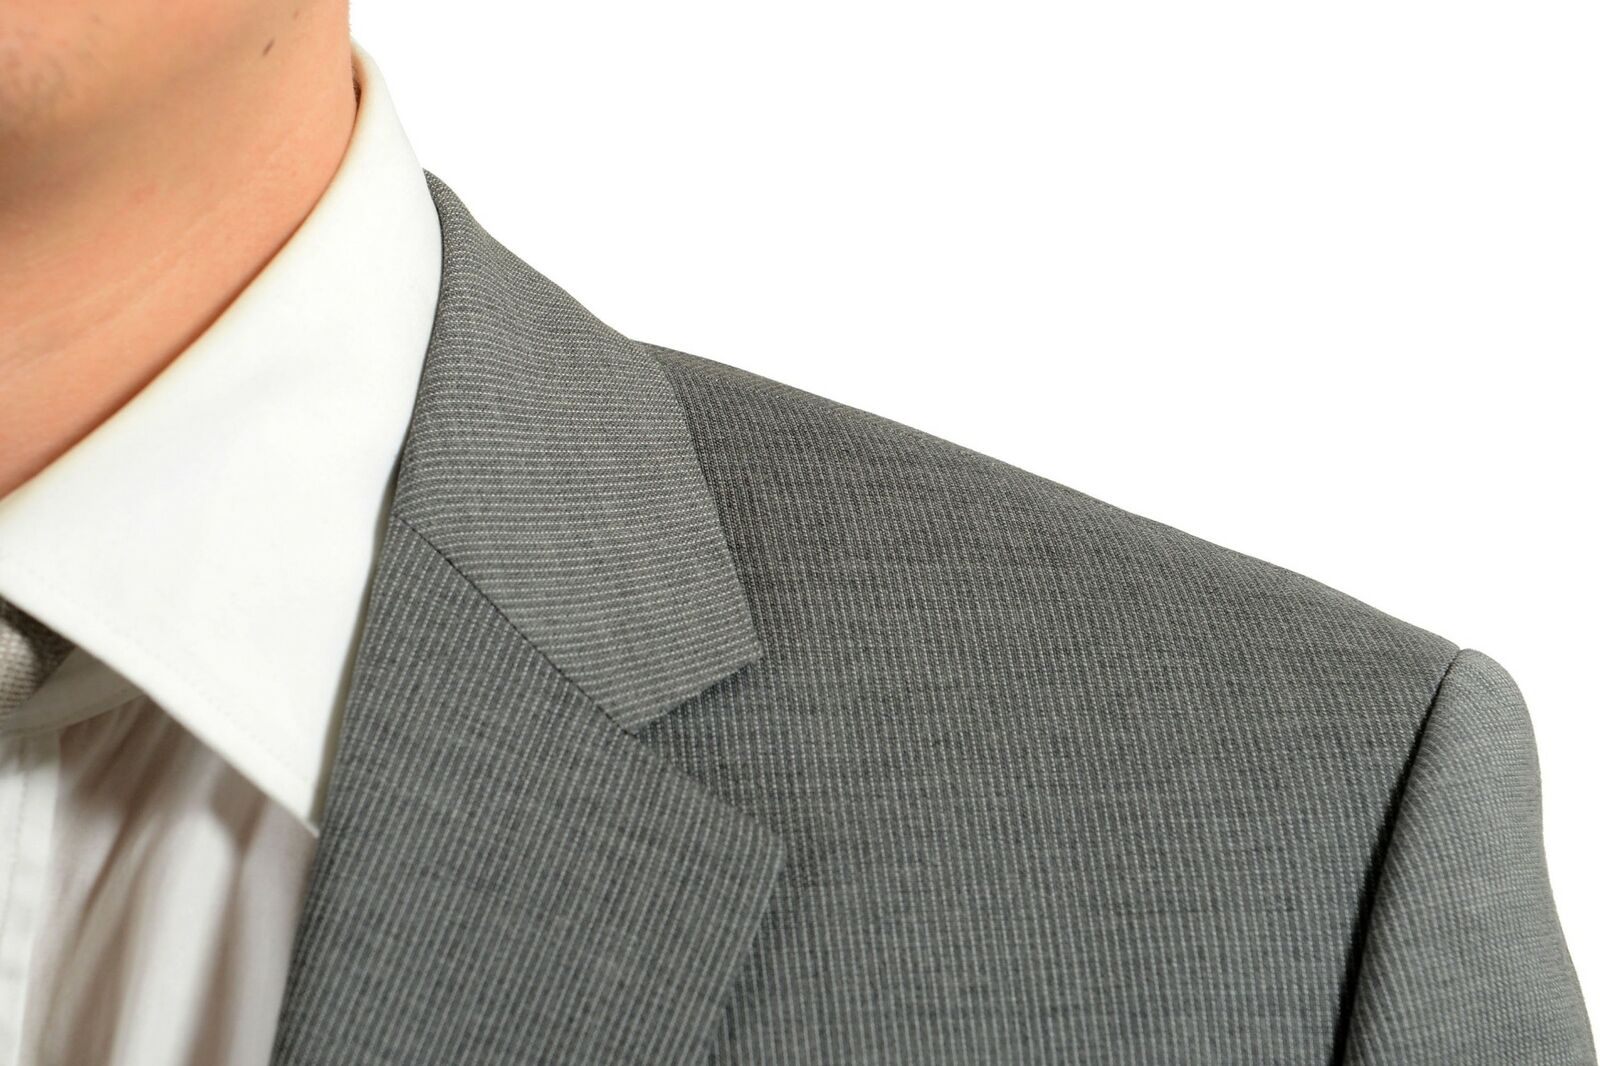 Hugo Boss     Thegrand1 Central1us   Herren 100%Wolle Grau Gestreift Zwei Knopfen 73bfd5